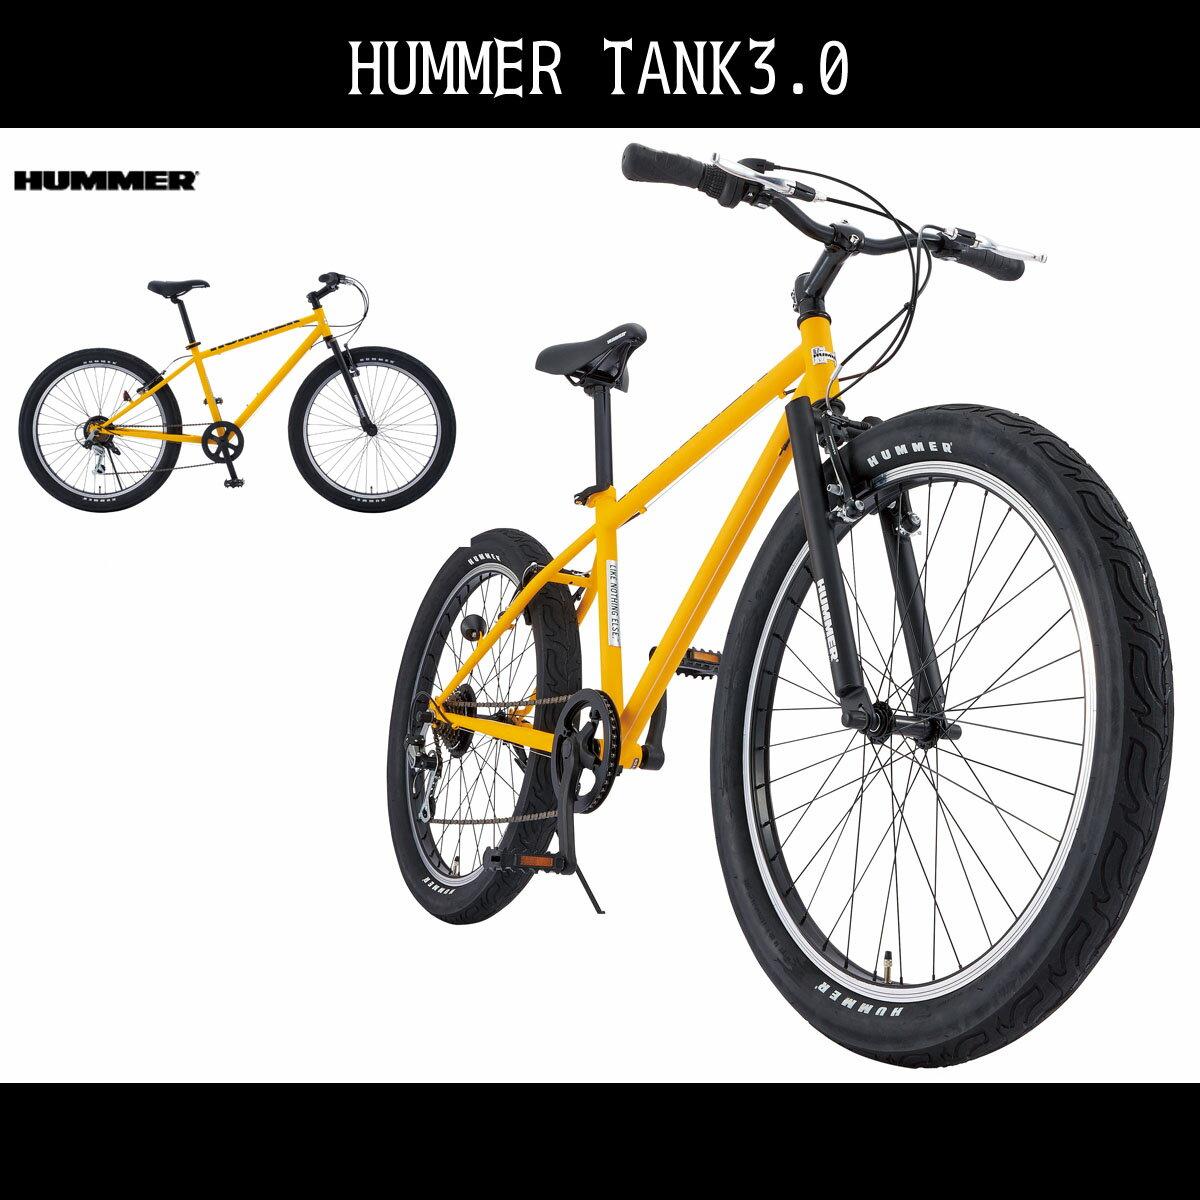 <関東限定特別価格>TANK3.0 自転車 ハマー 外装6段変速ギア ハマー マウンテンバイク 26インチ 黄色 イエロー 自転車 自転車 HUMMER ハマー マウンテンバイク 送料無料 激安 格安 変速付き クリスマス